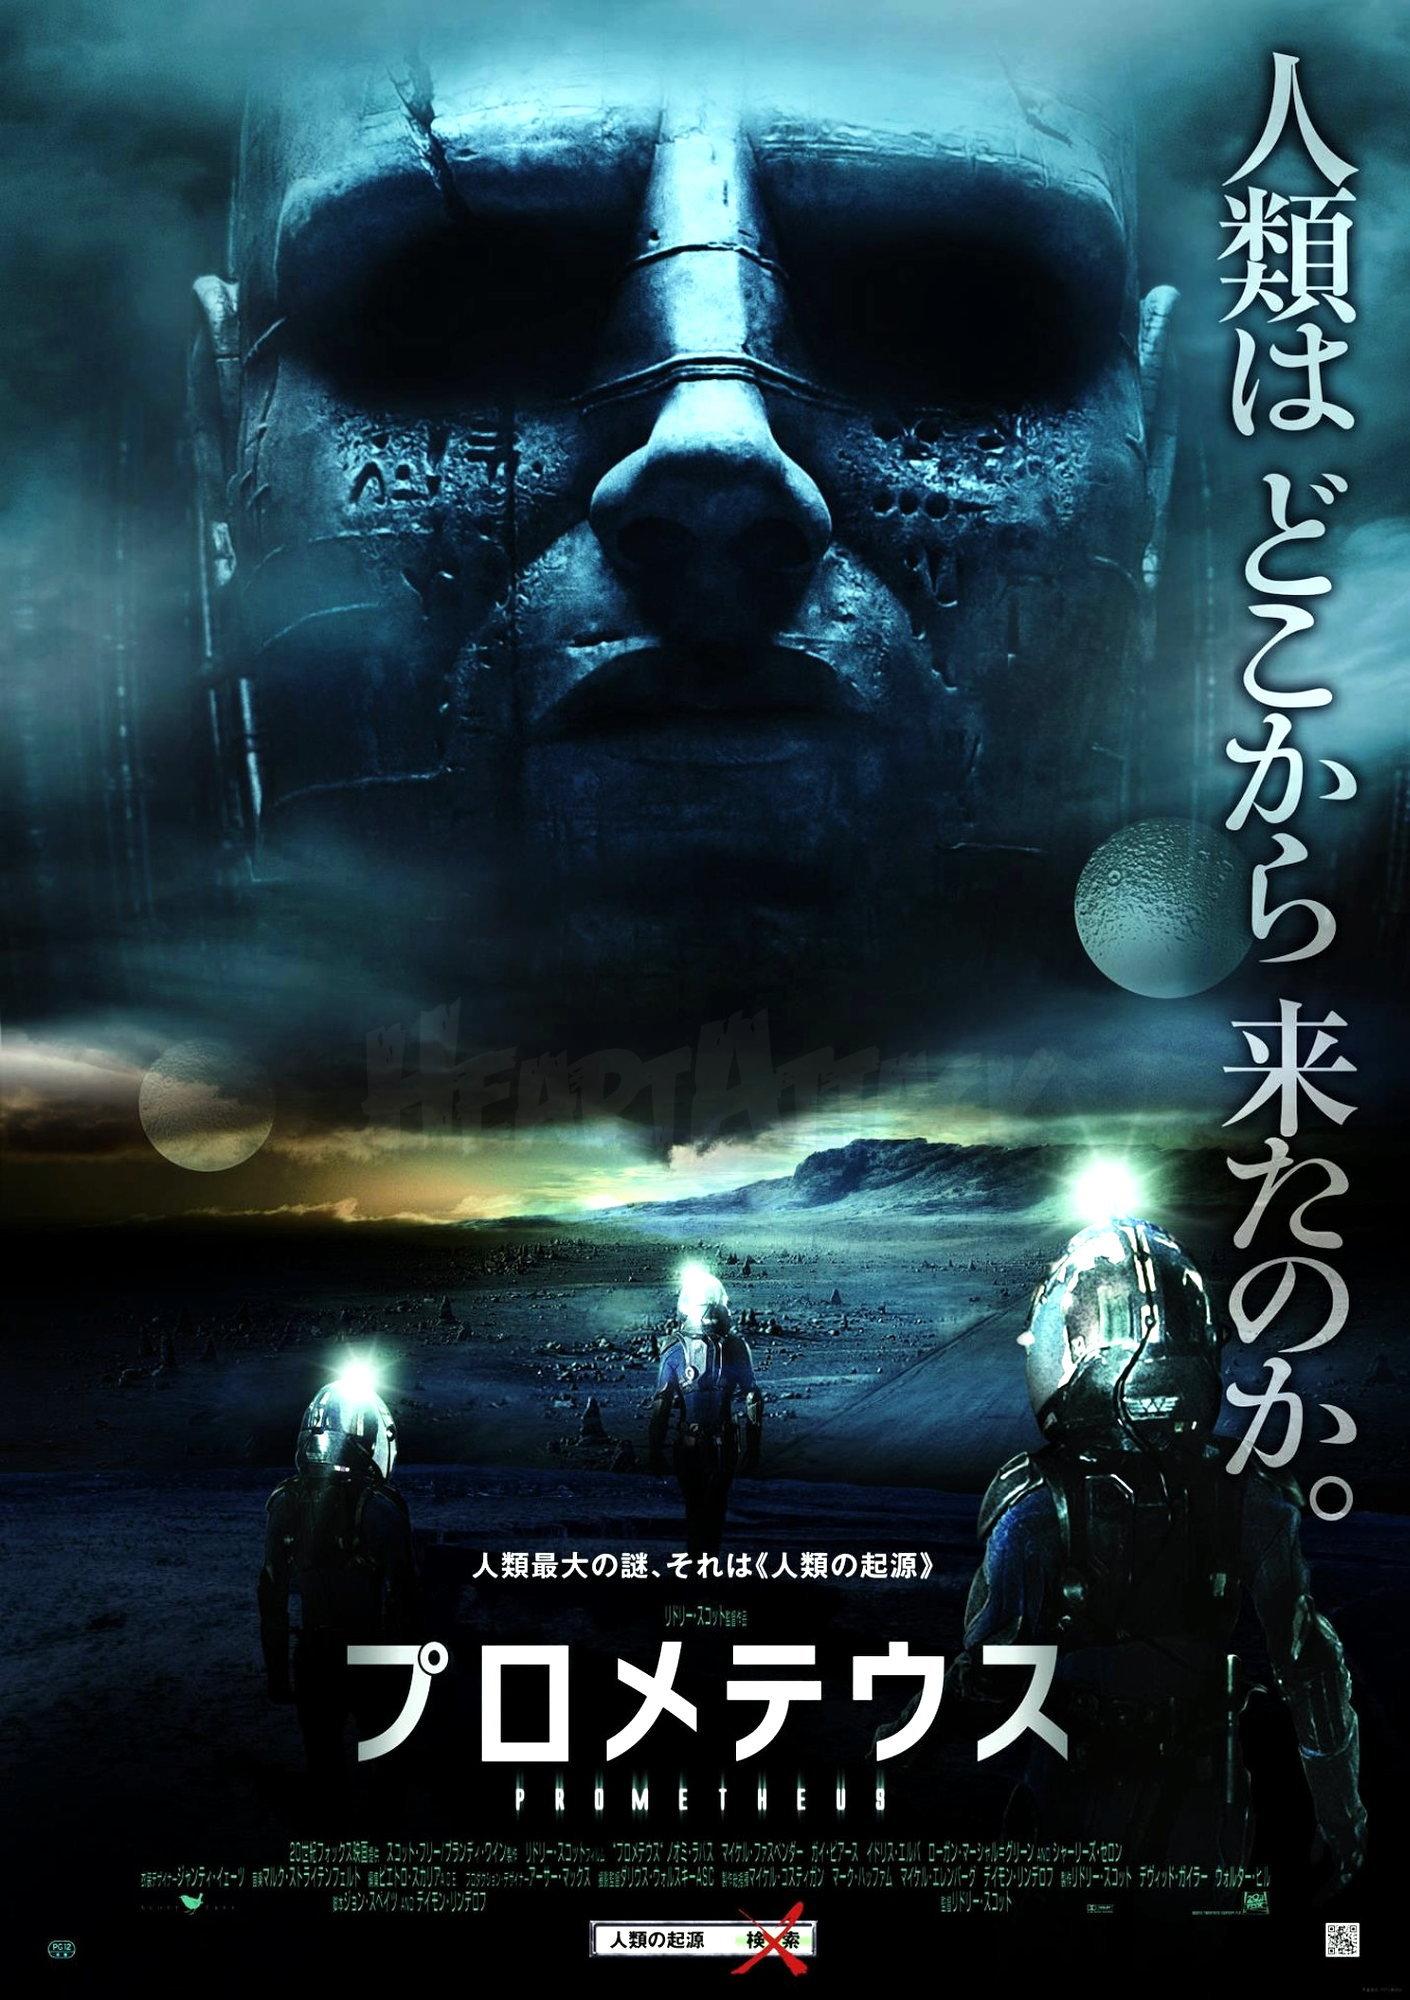 ナルト 2012 映画